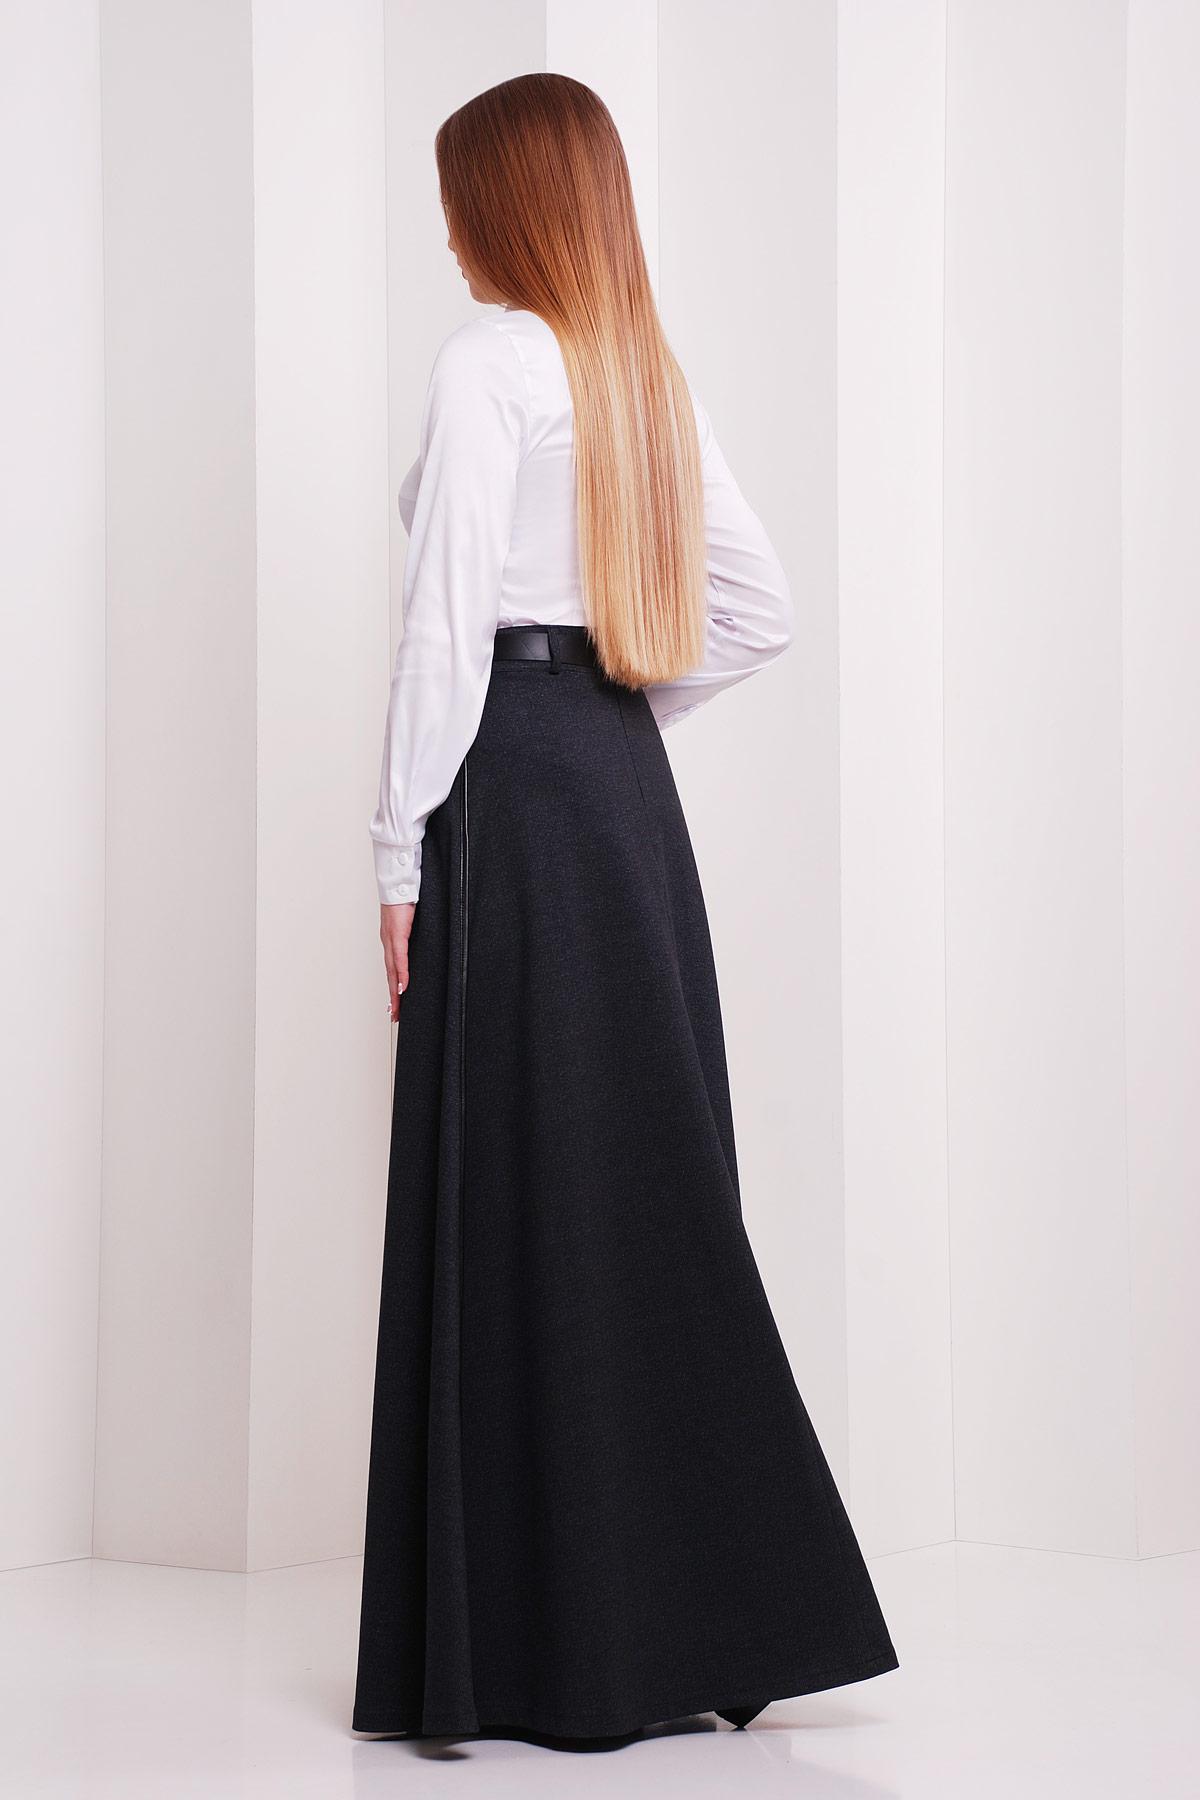 женская юбка-трапеция в пол. юбка мод. №24. Цвет: черный меланж